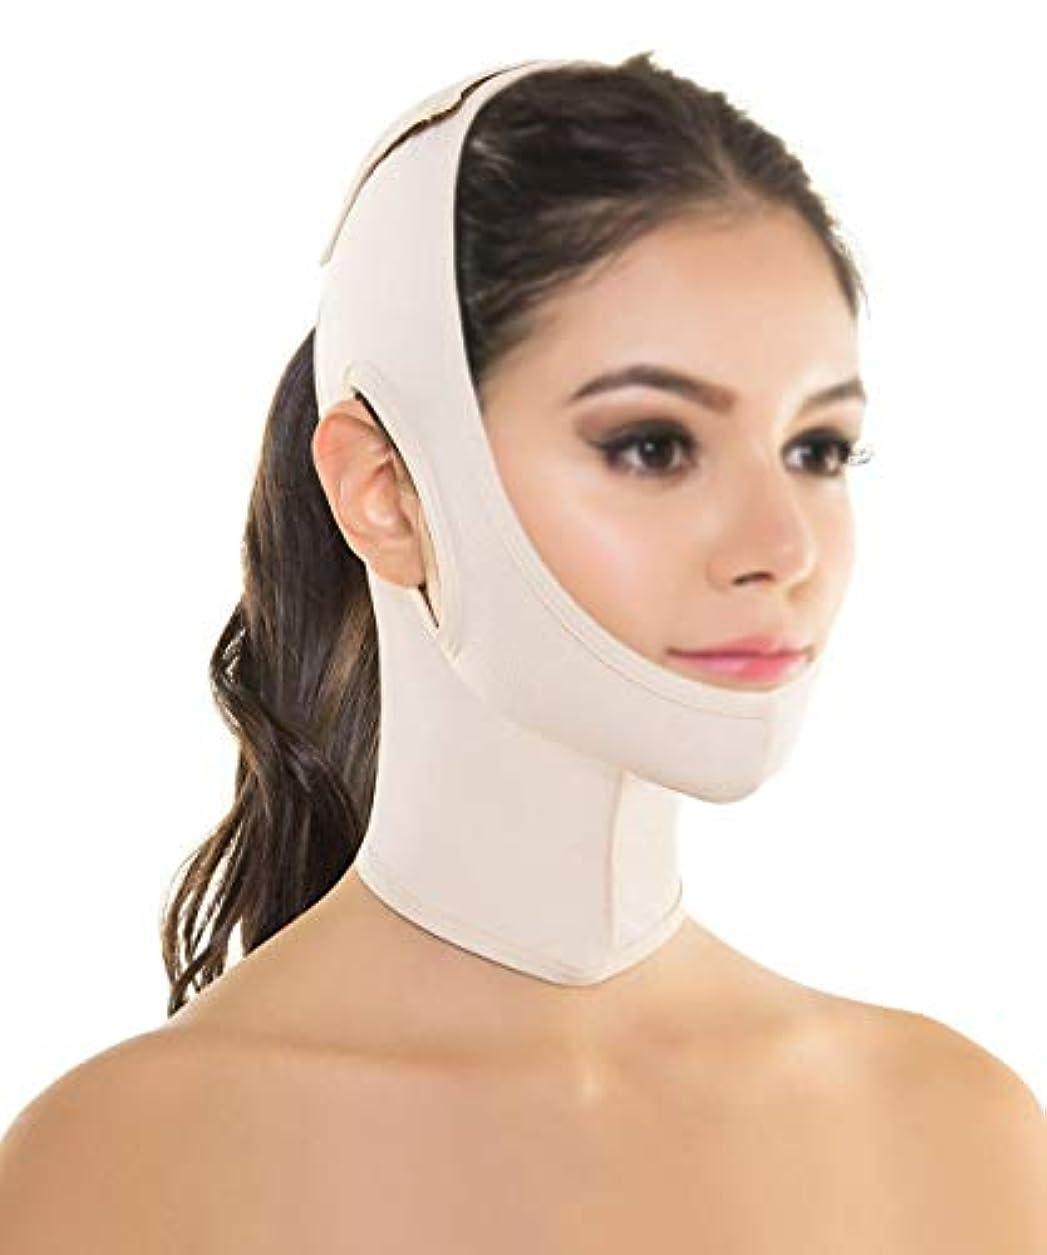 サーキットに行く公使館宿泊施設フェイスリフトマスク、シリコーンVフェイスマスクリフティングフェイスマスクフェイスリフティングアーティファクトリフティングダブルあご術後包帯顔と首リフト (Color : Skin tone)